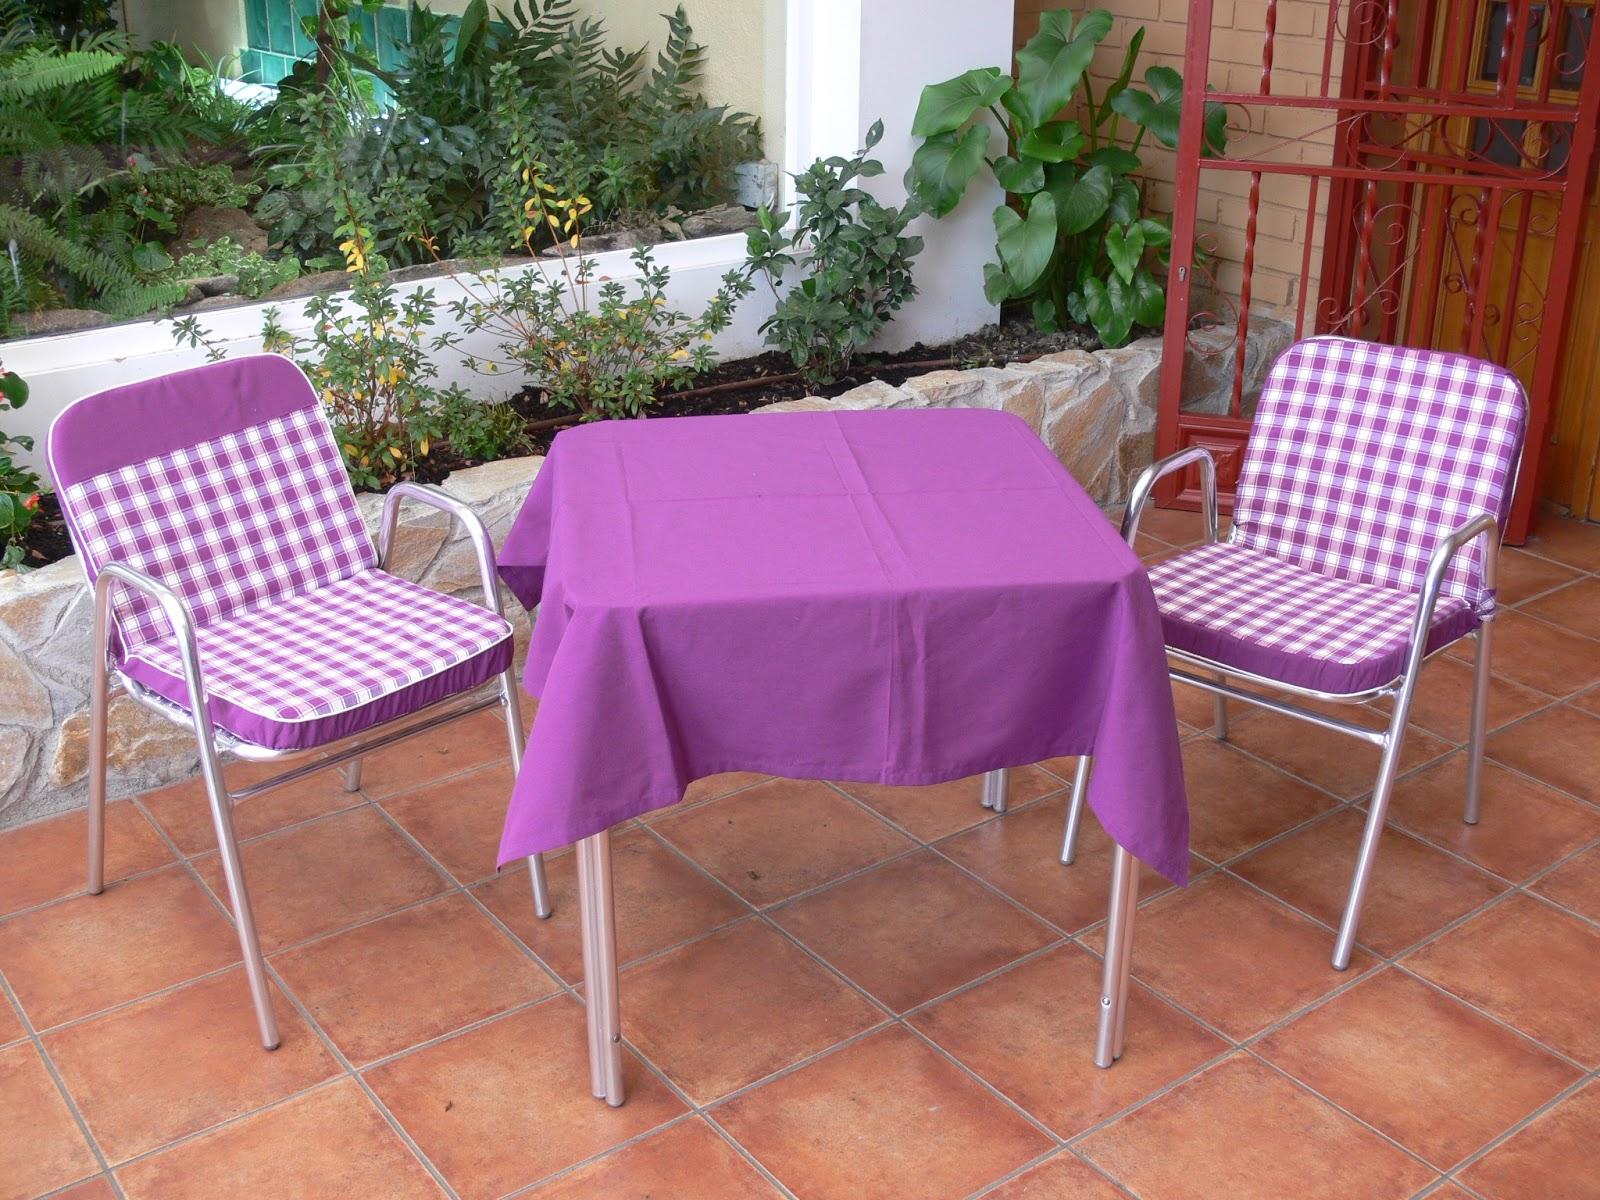 Creaciones mida michel dami cojines de terraza - Cojines para jardin ...